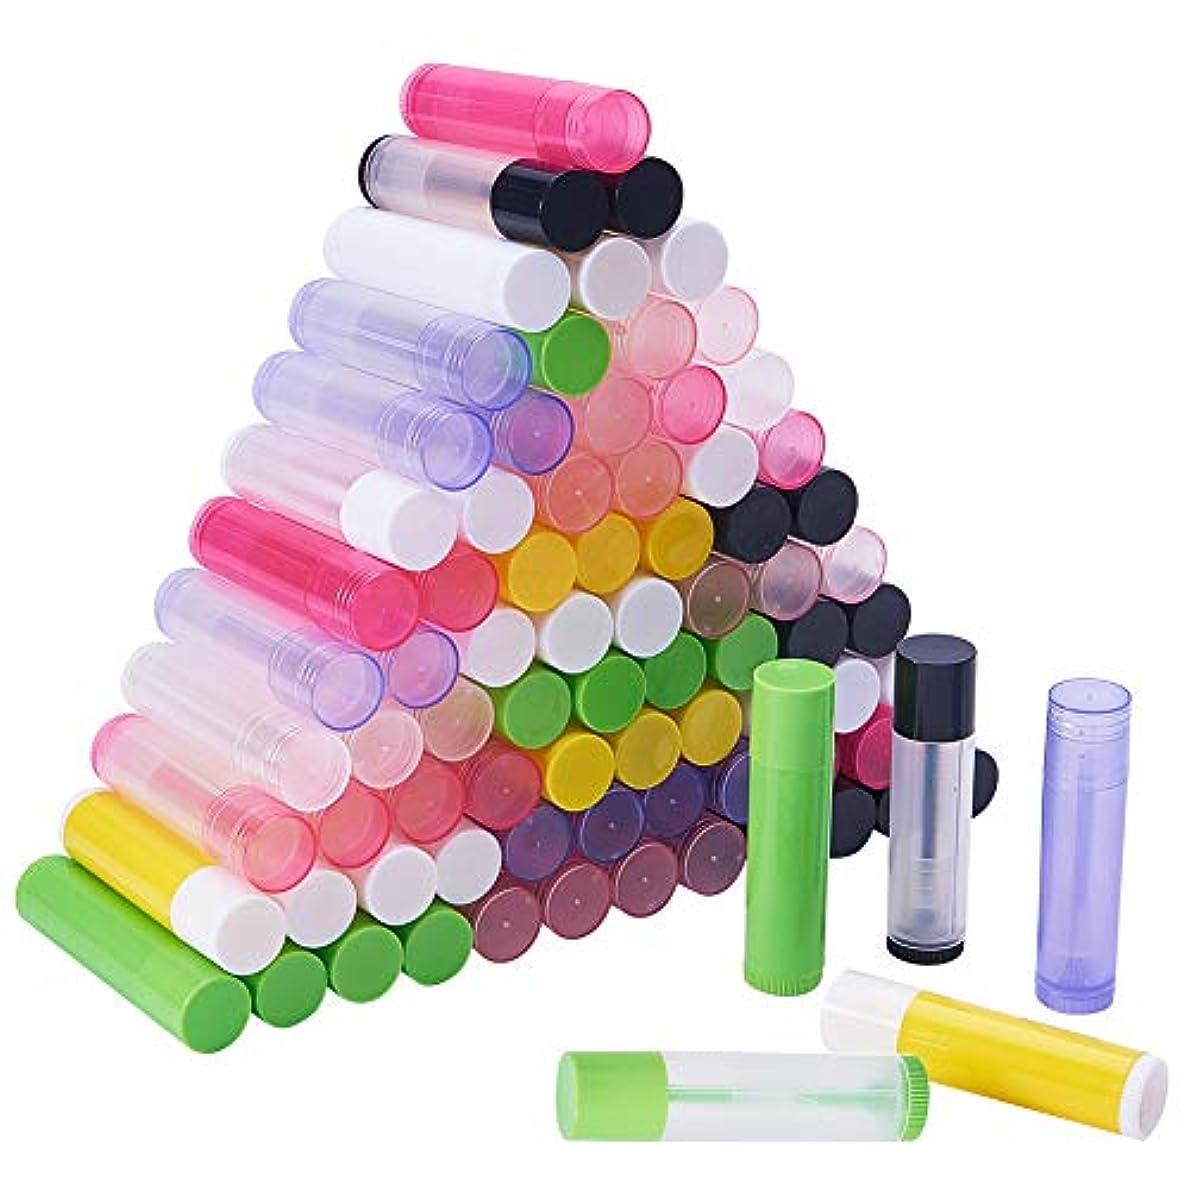 階下追跡眠いですPH PandaHall 約90本 15色 リップ クリーム チューブ 5g容量 回転式 ミニ 詰め替え ボトル 透明&非透明 小分けボトル リップスティック 口紅 包装材料 繰り出し容器 手作りコスメ 混合色